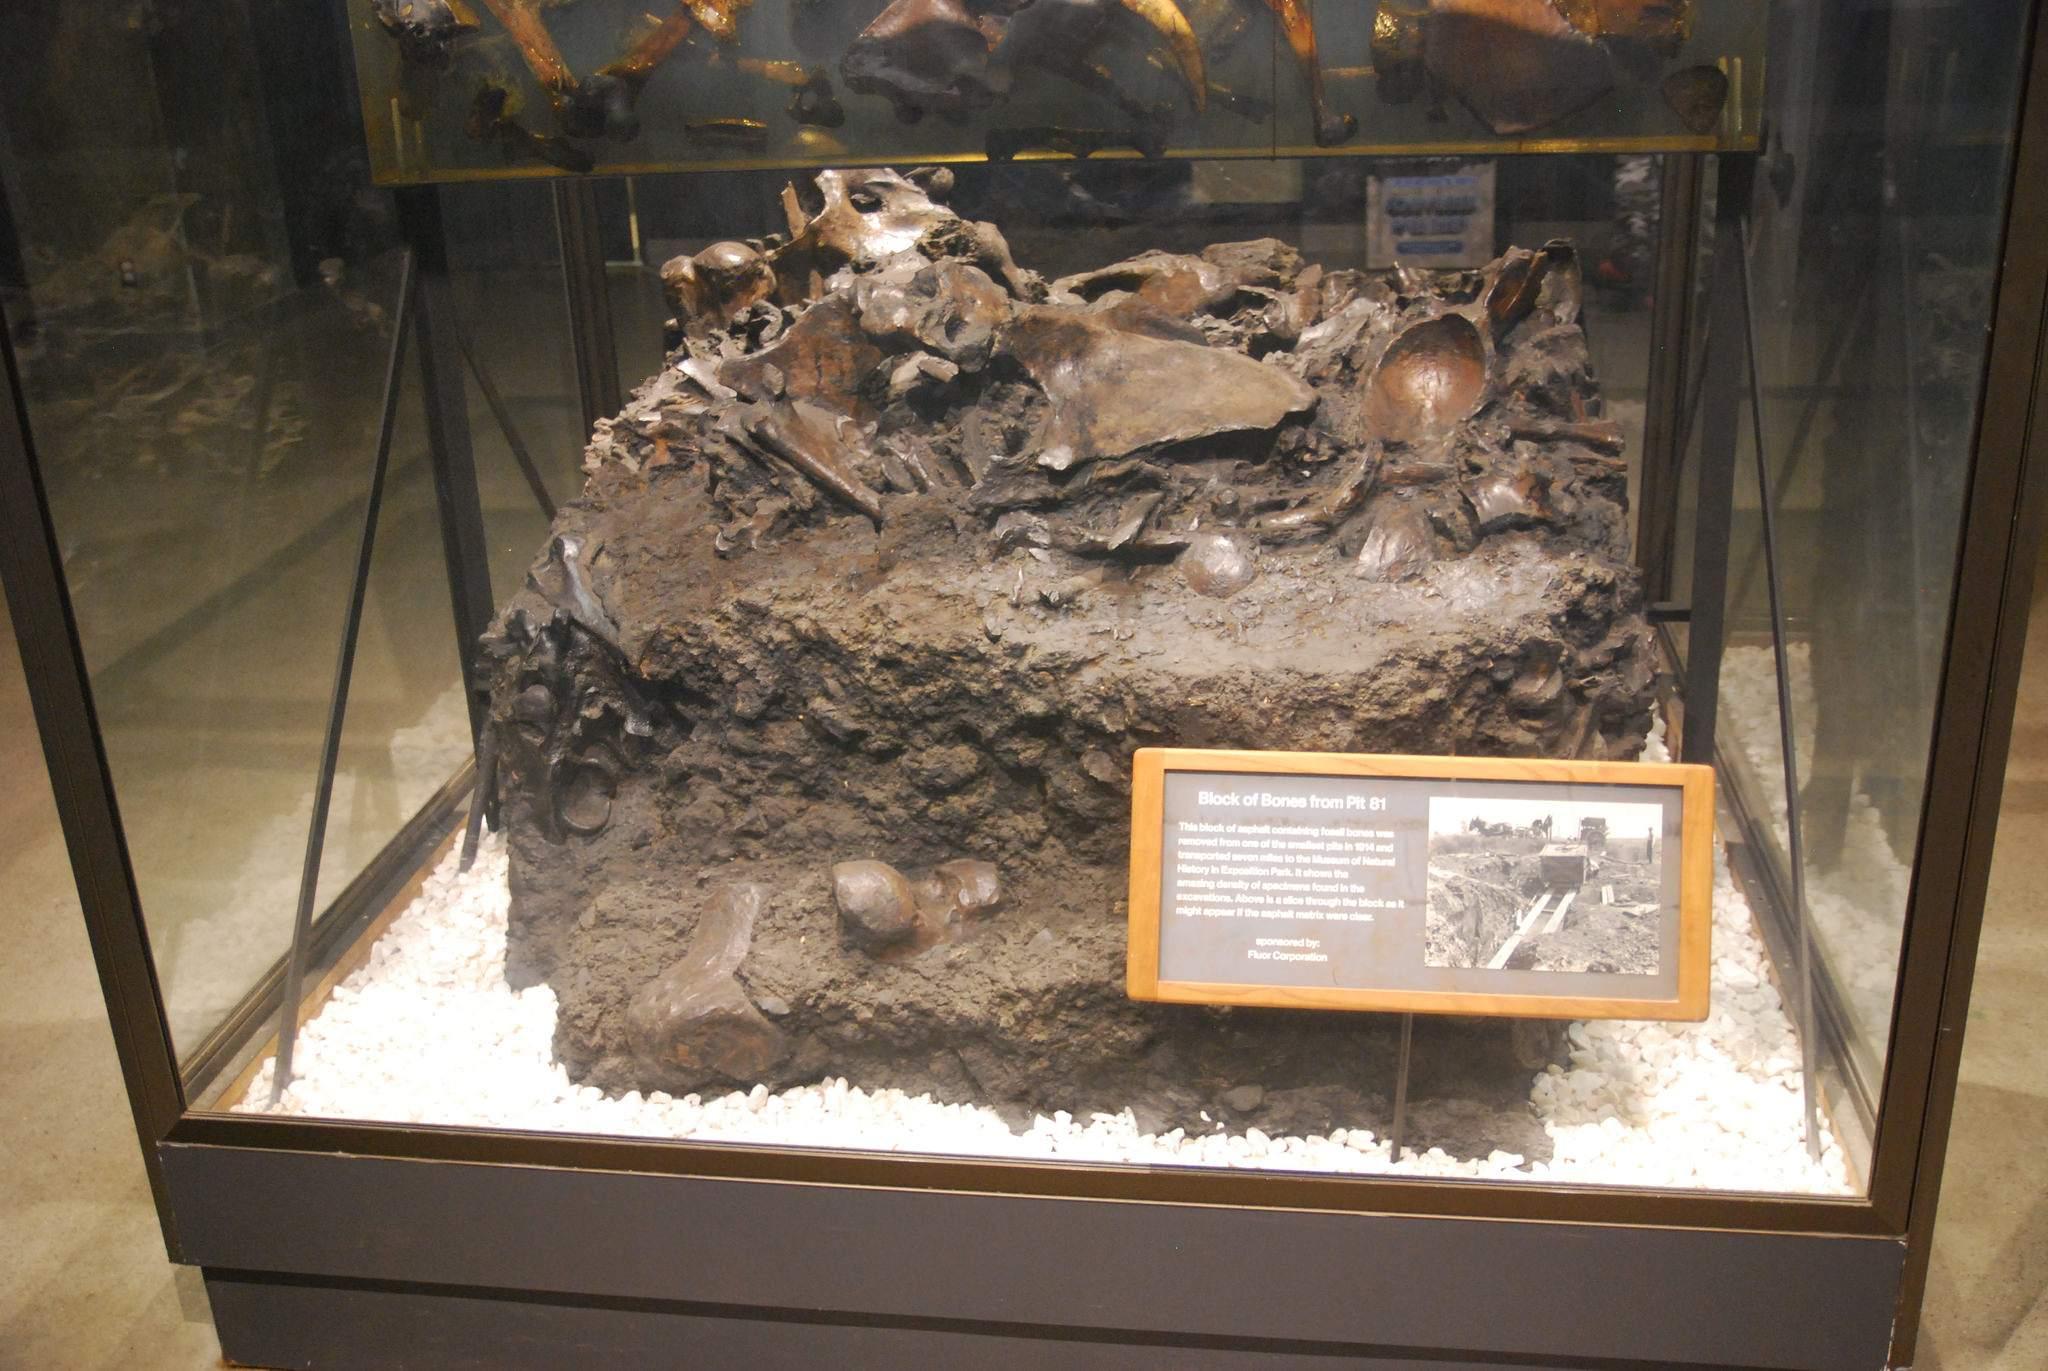 la brea tar pits10 La Brea Tar Pits and Museum in LA